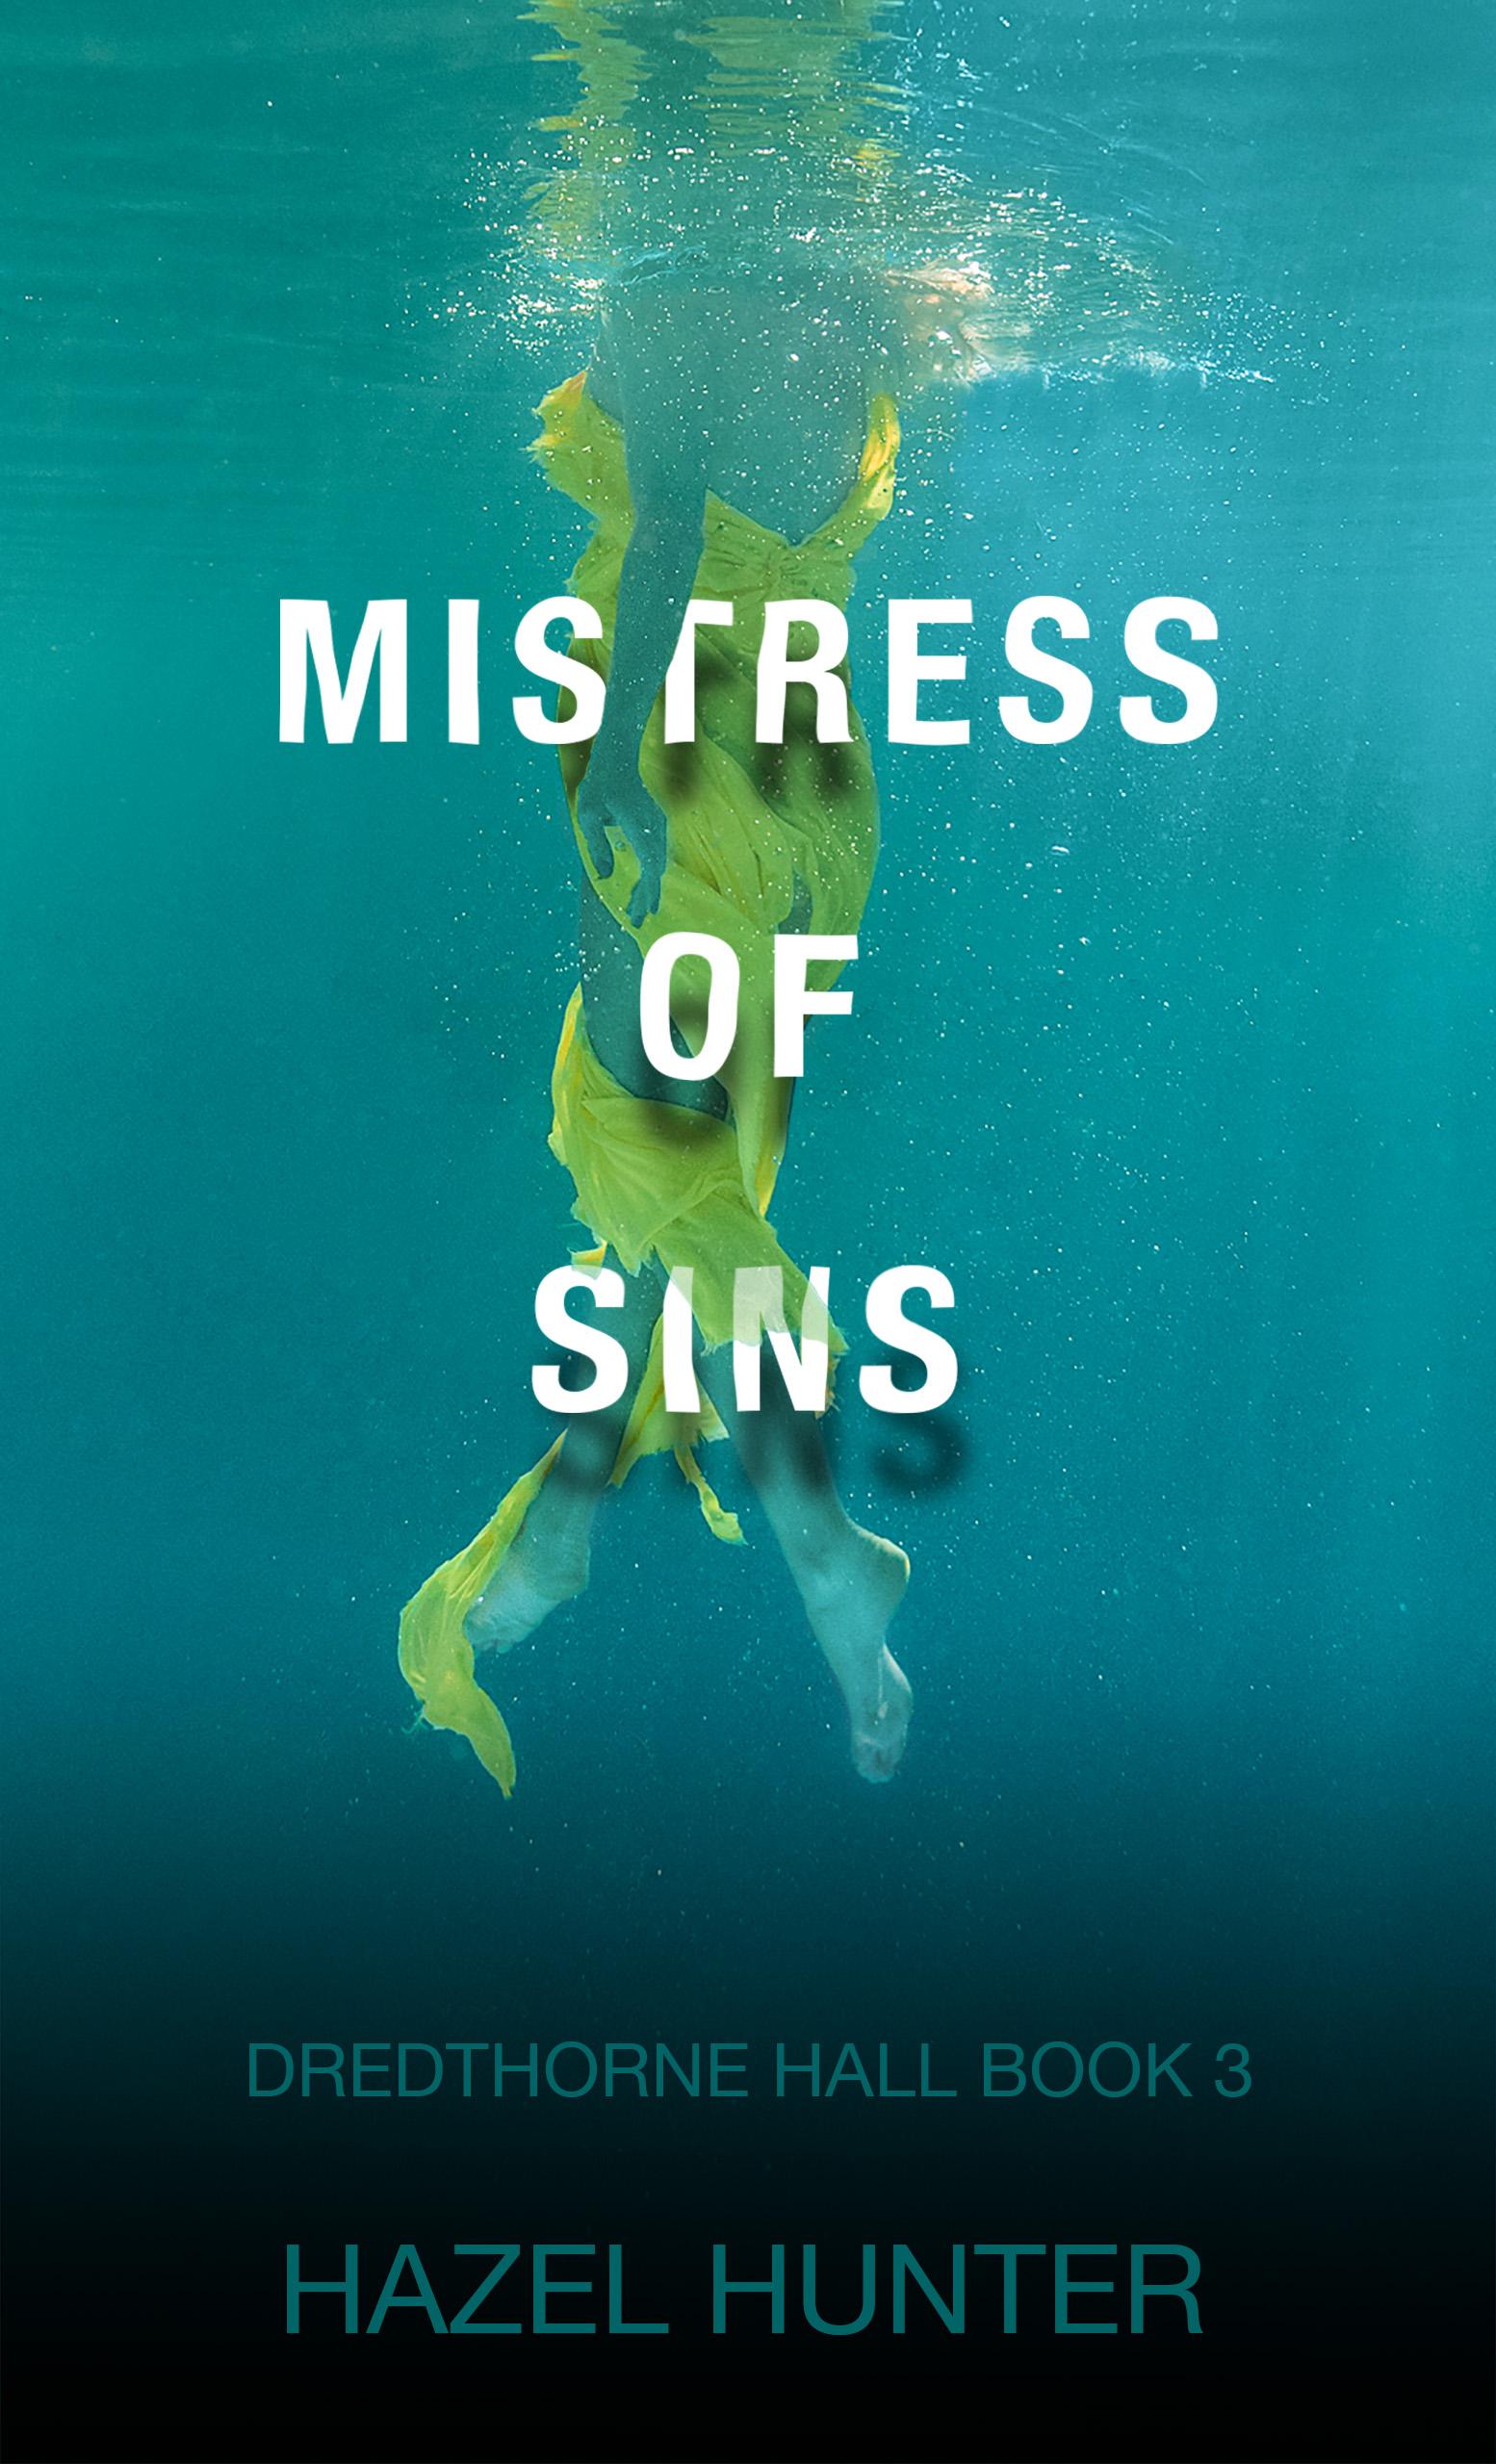 Mistress of Sins